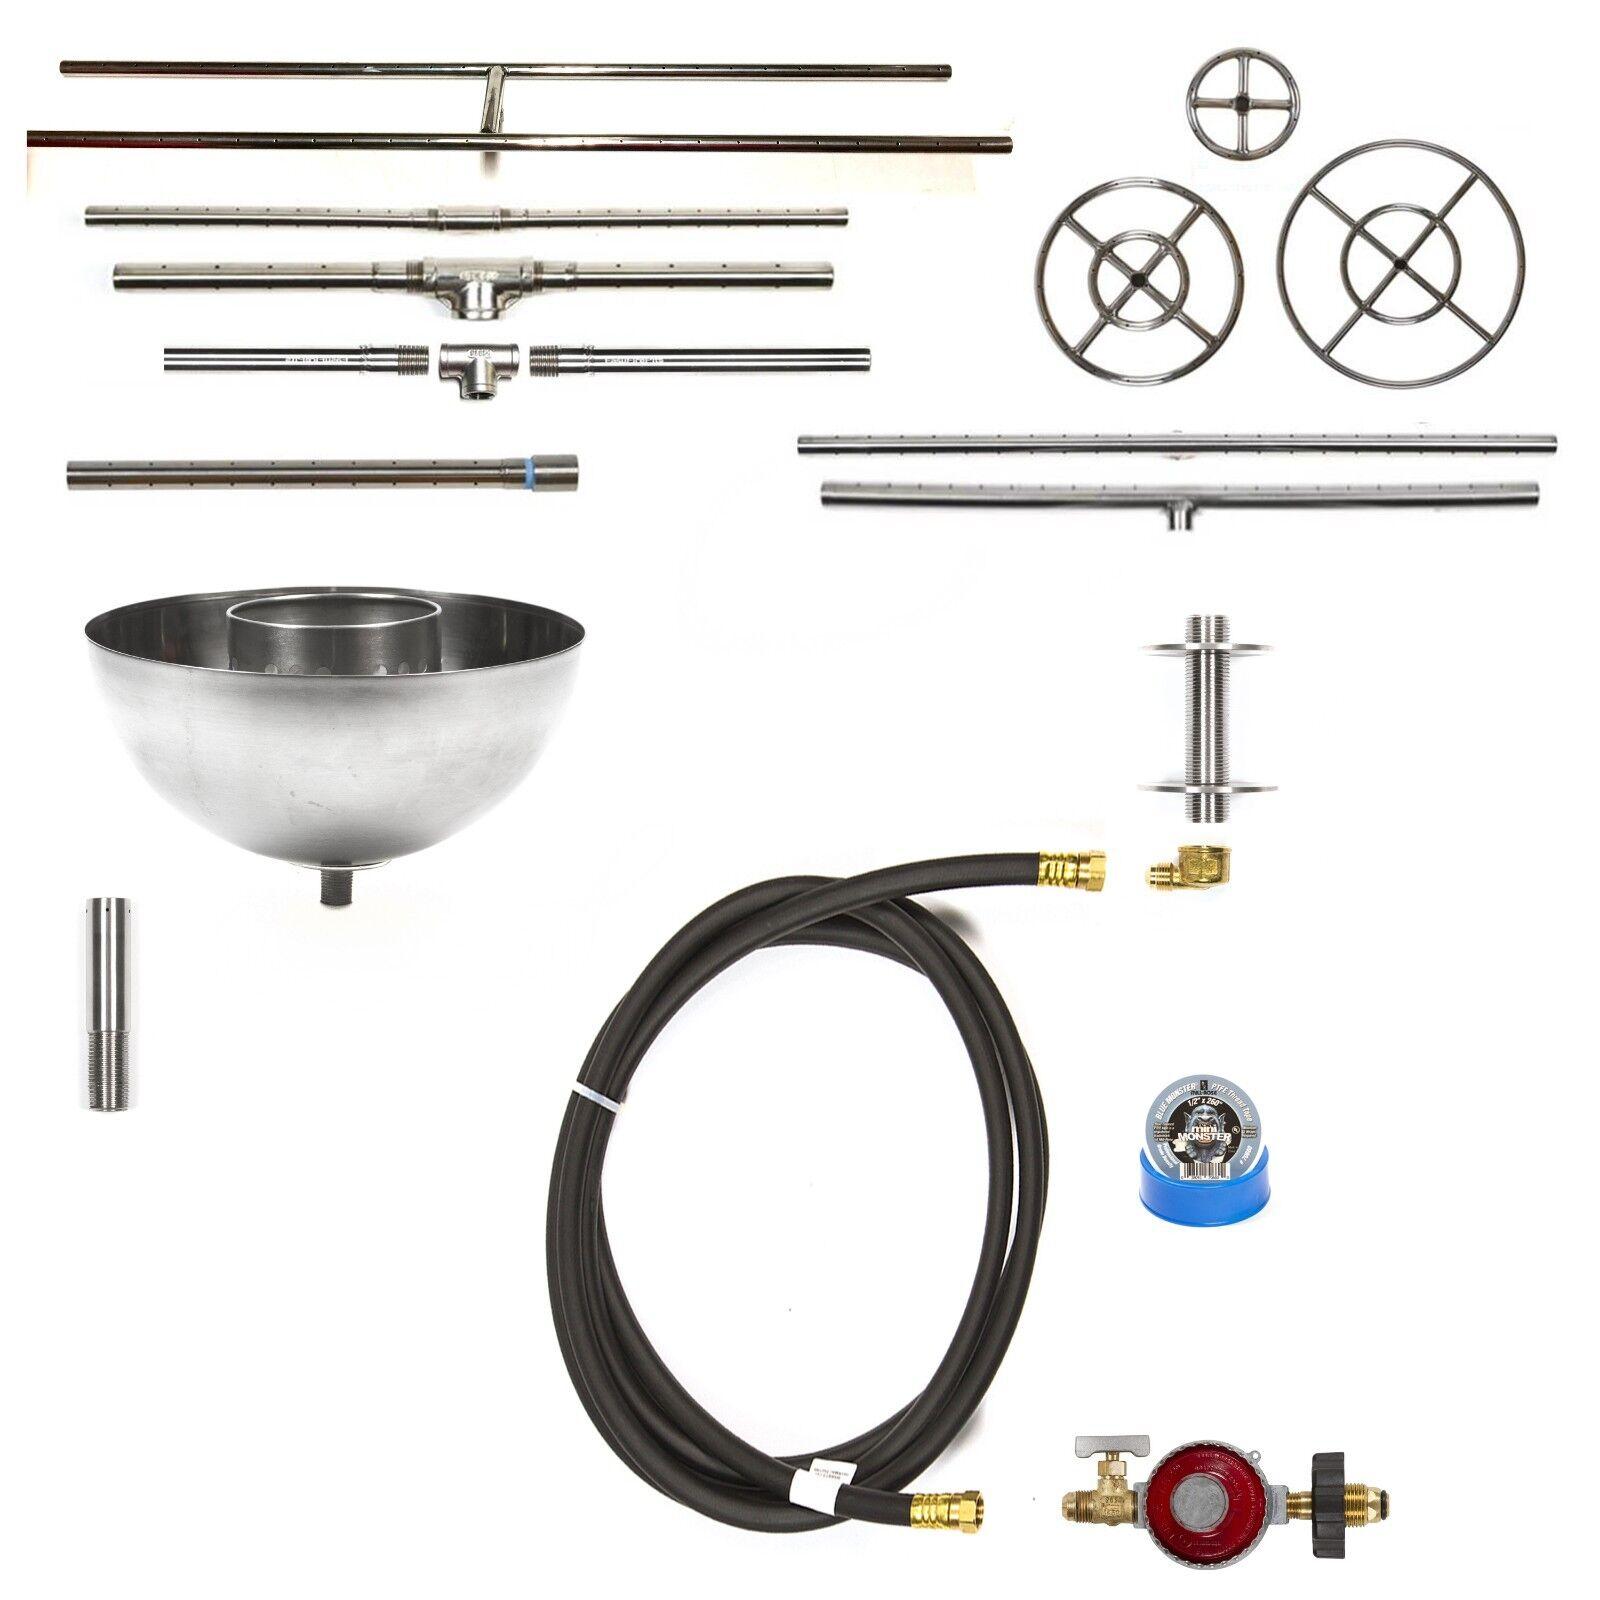 Fácil Hágalo usted mismo completa básica : por gas fuego Pit Kit y vida guerra 316 Quemador de acero